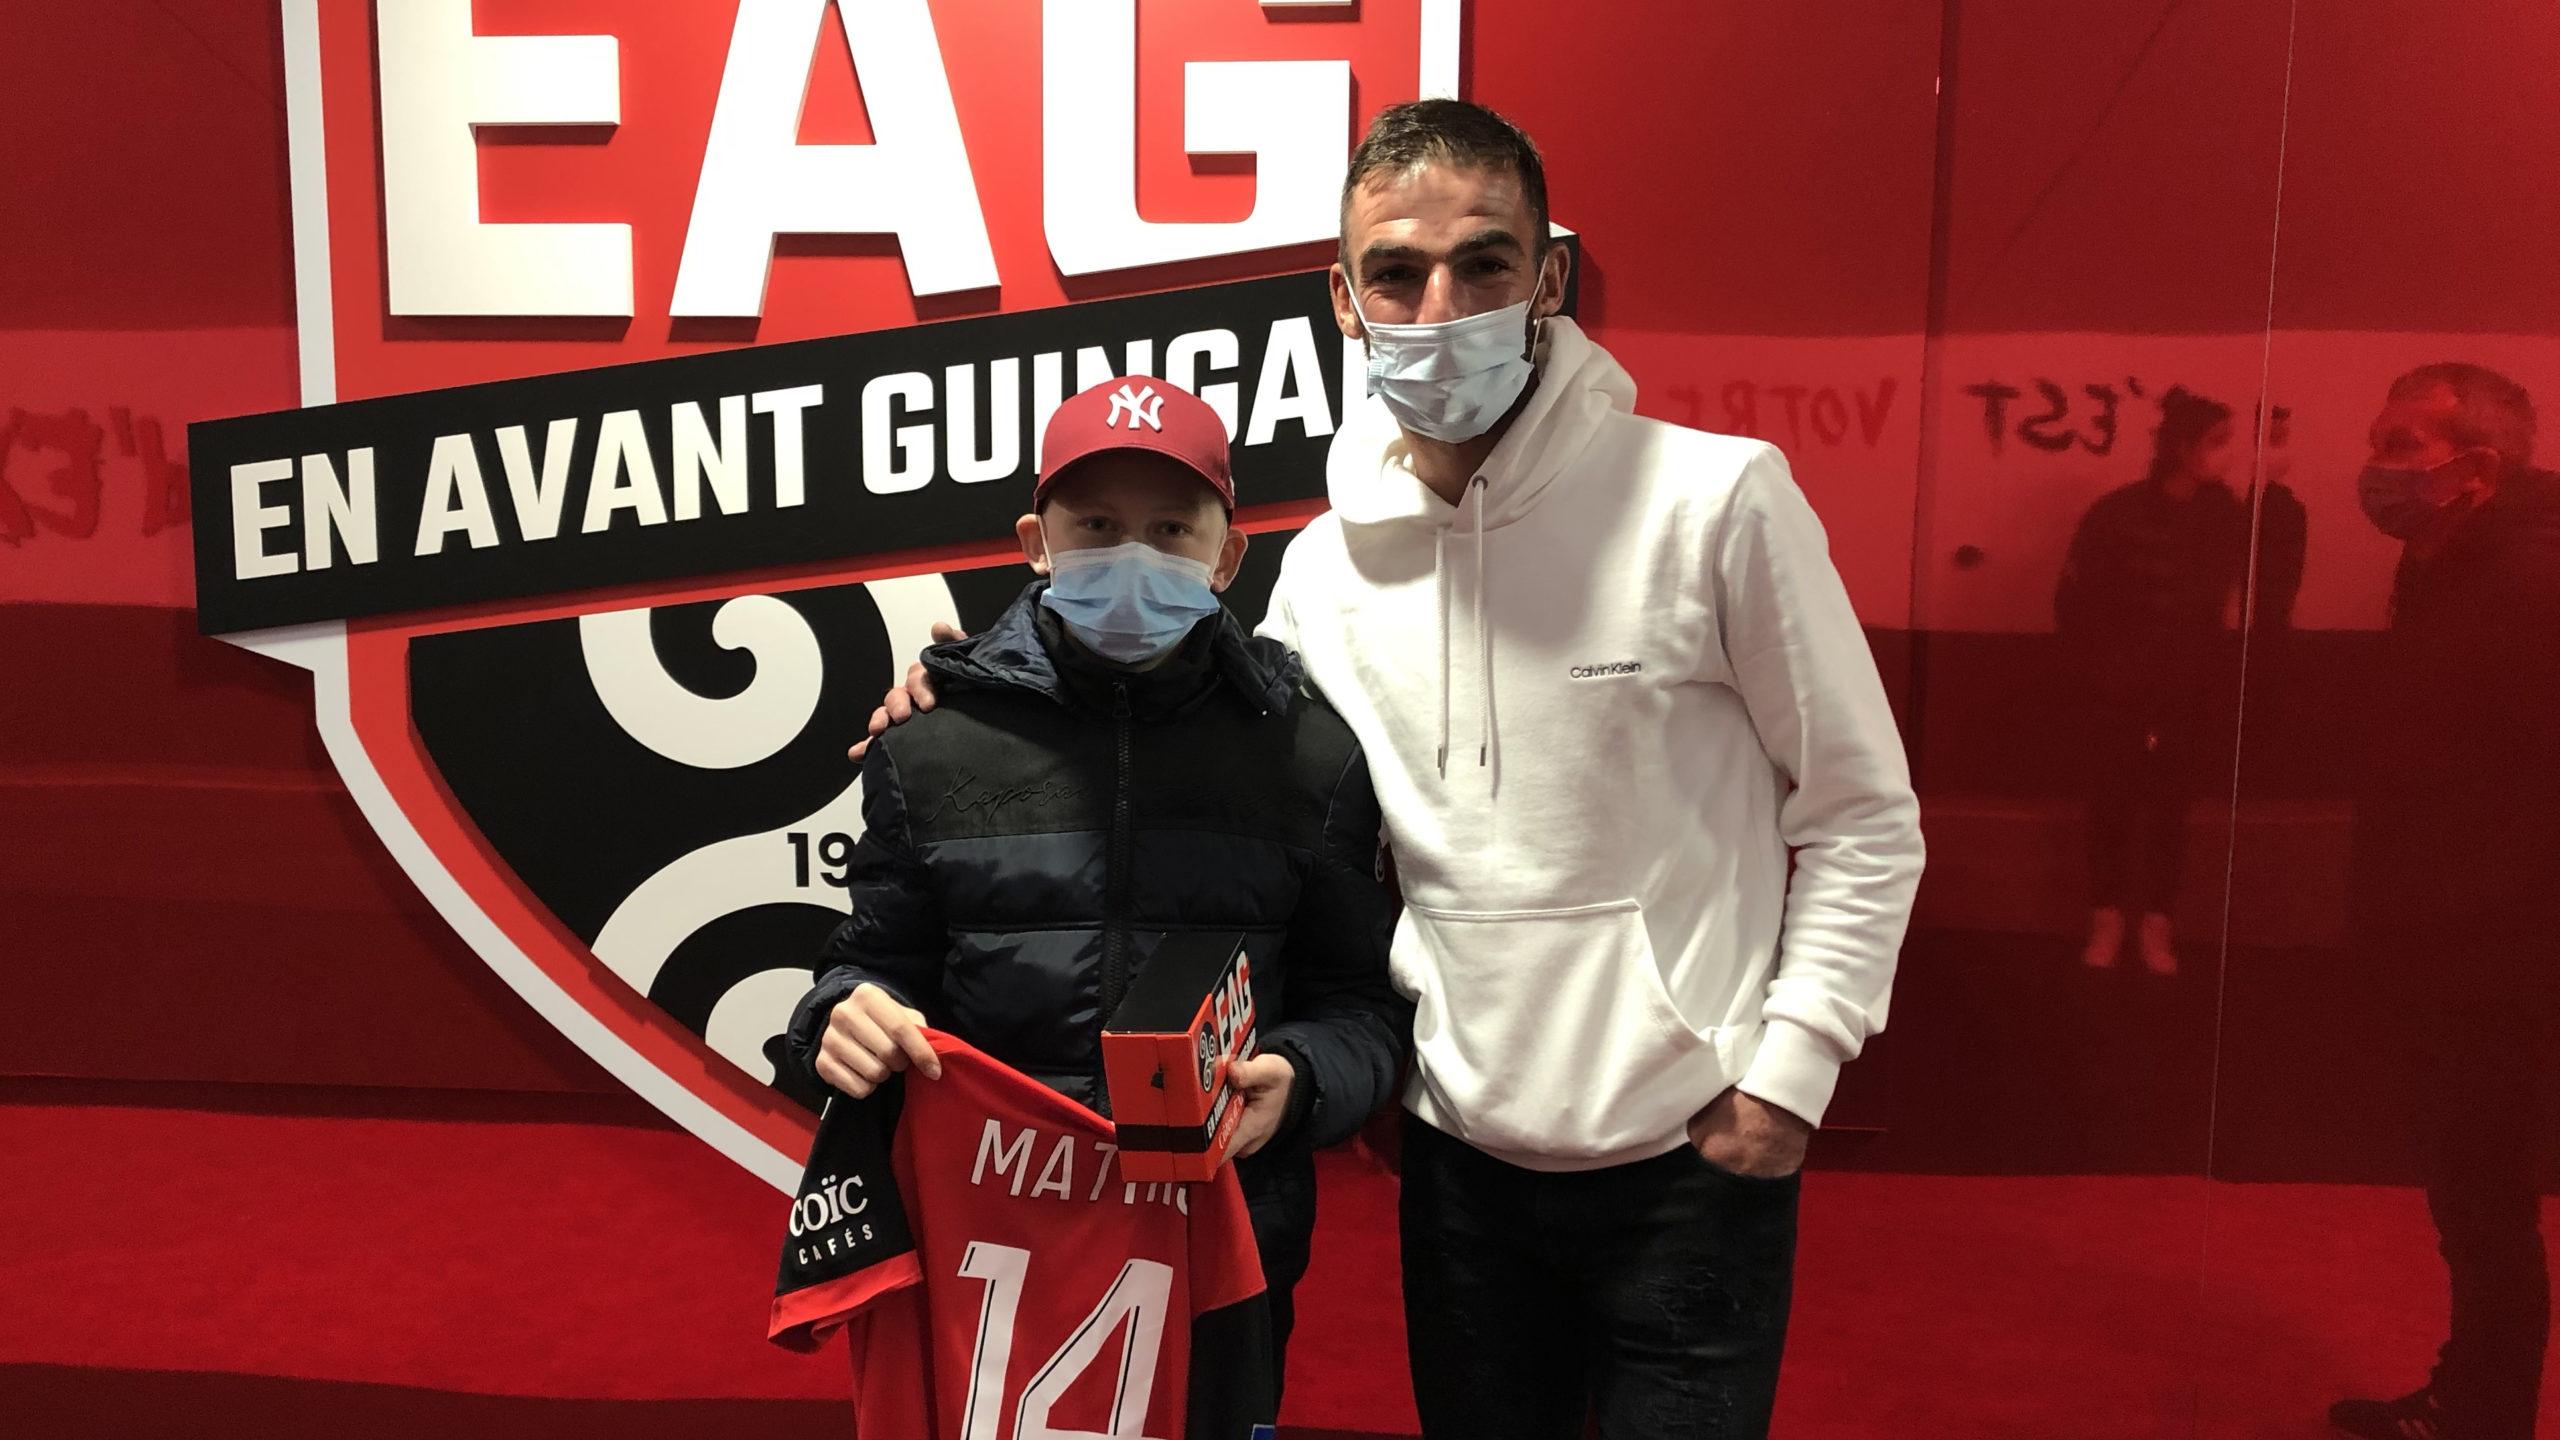 Mathis Coatrieux visite le stade de Roudourou avec Christophe Kerbrat Guingamp En Avant-16 9